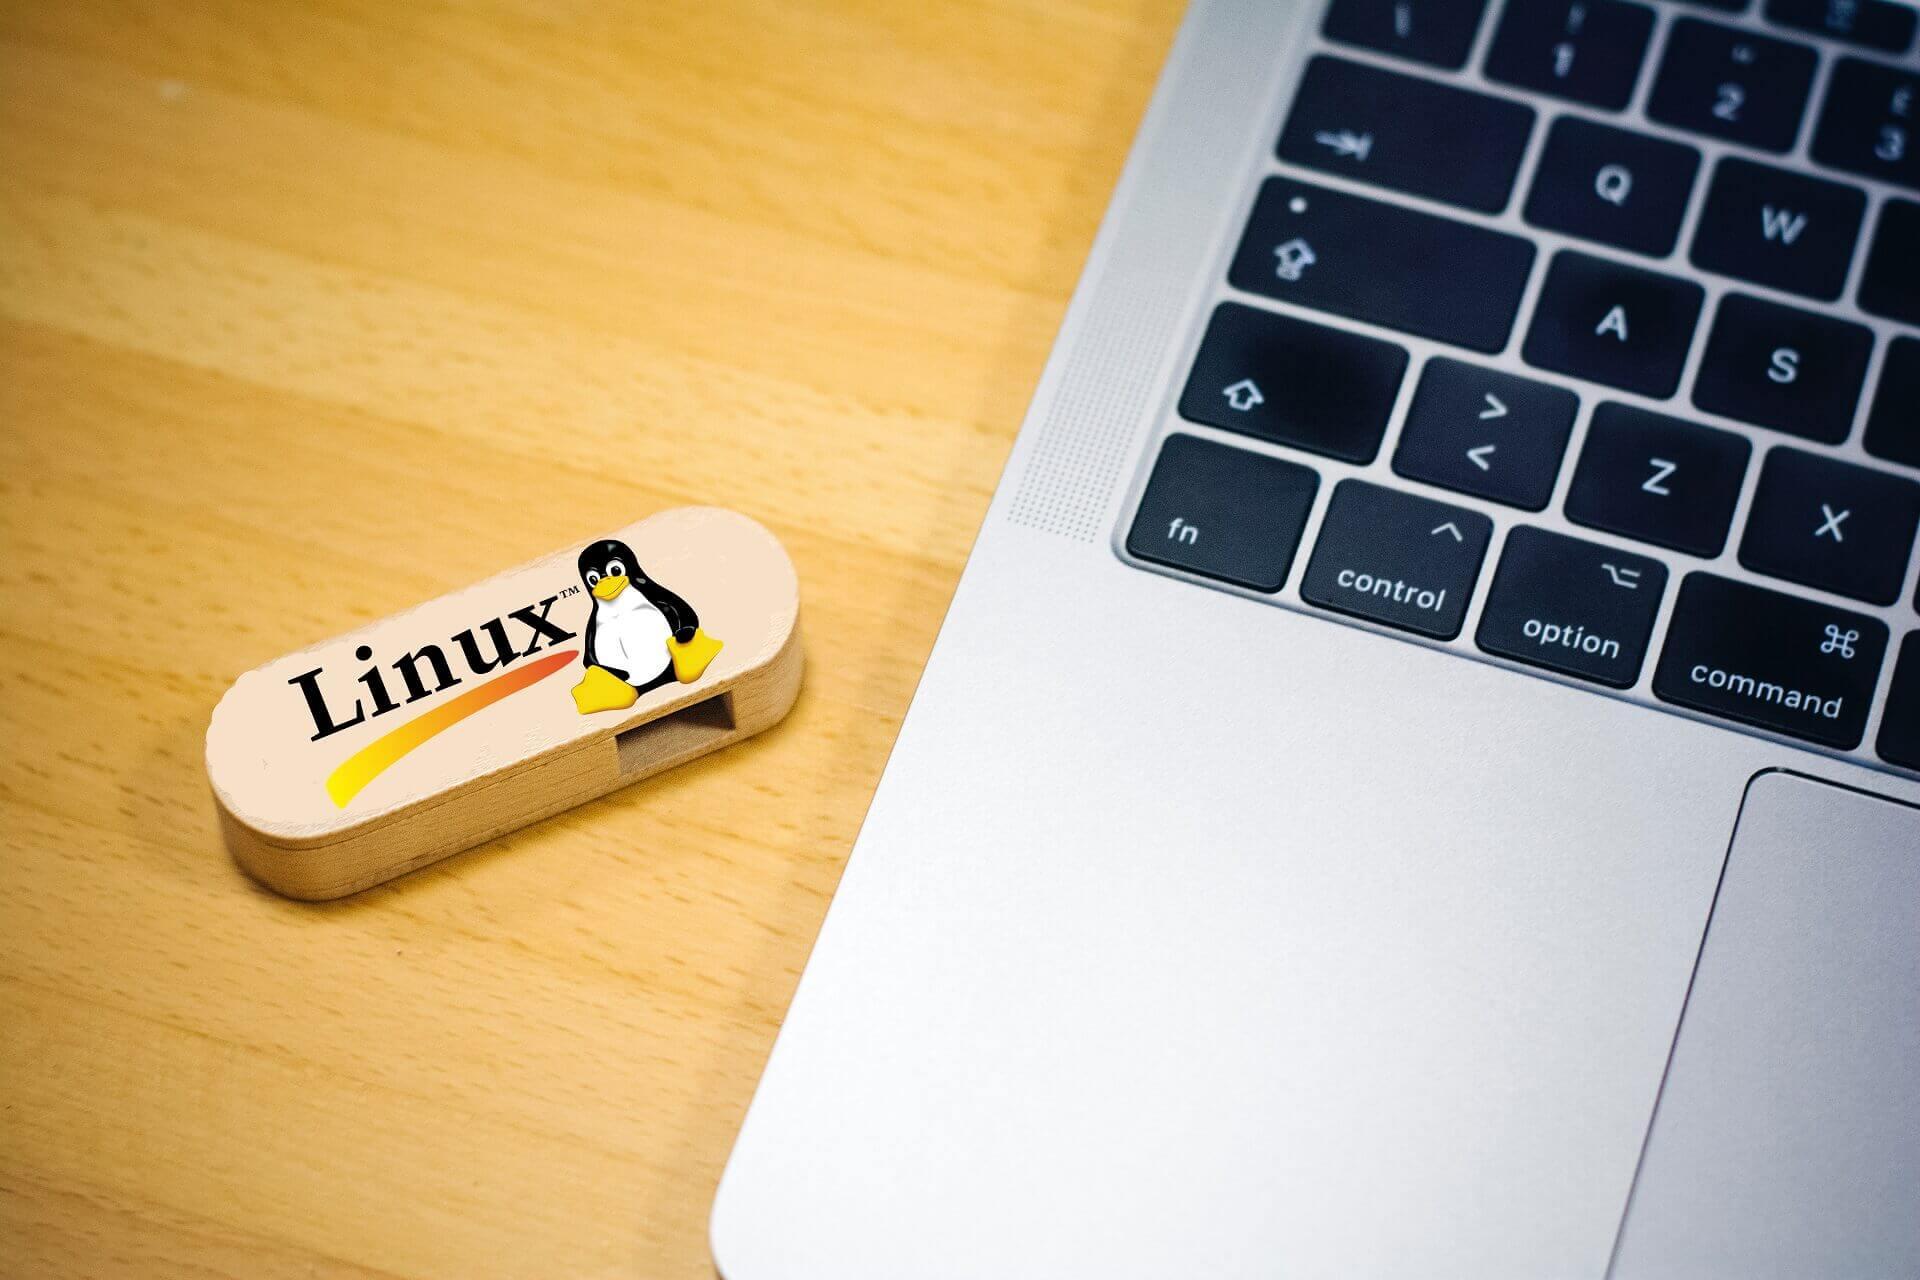 Installare Linux da USB